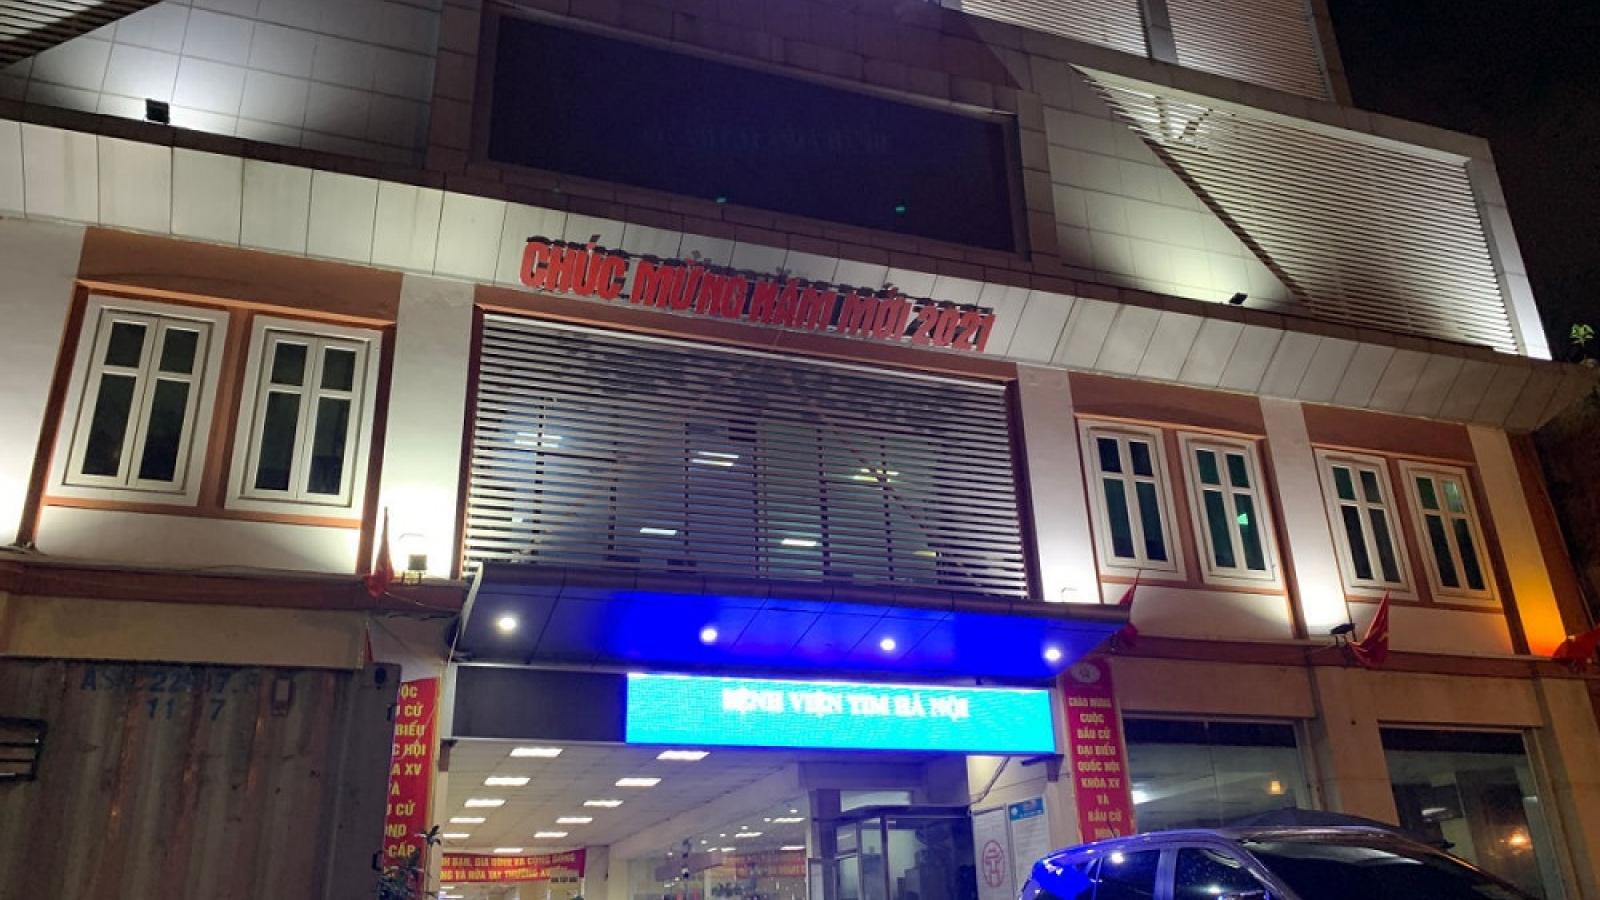 Khởi tố 7 bị can liên quan đến những sai phạm xảy ra tại Bệnh viện Tim Hà Nội